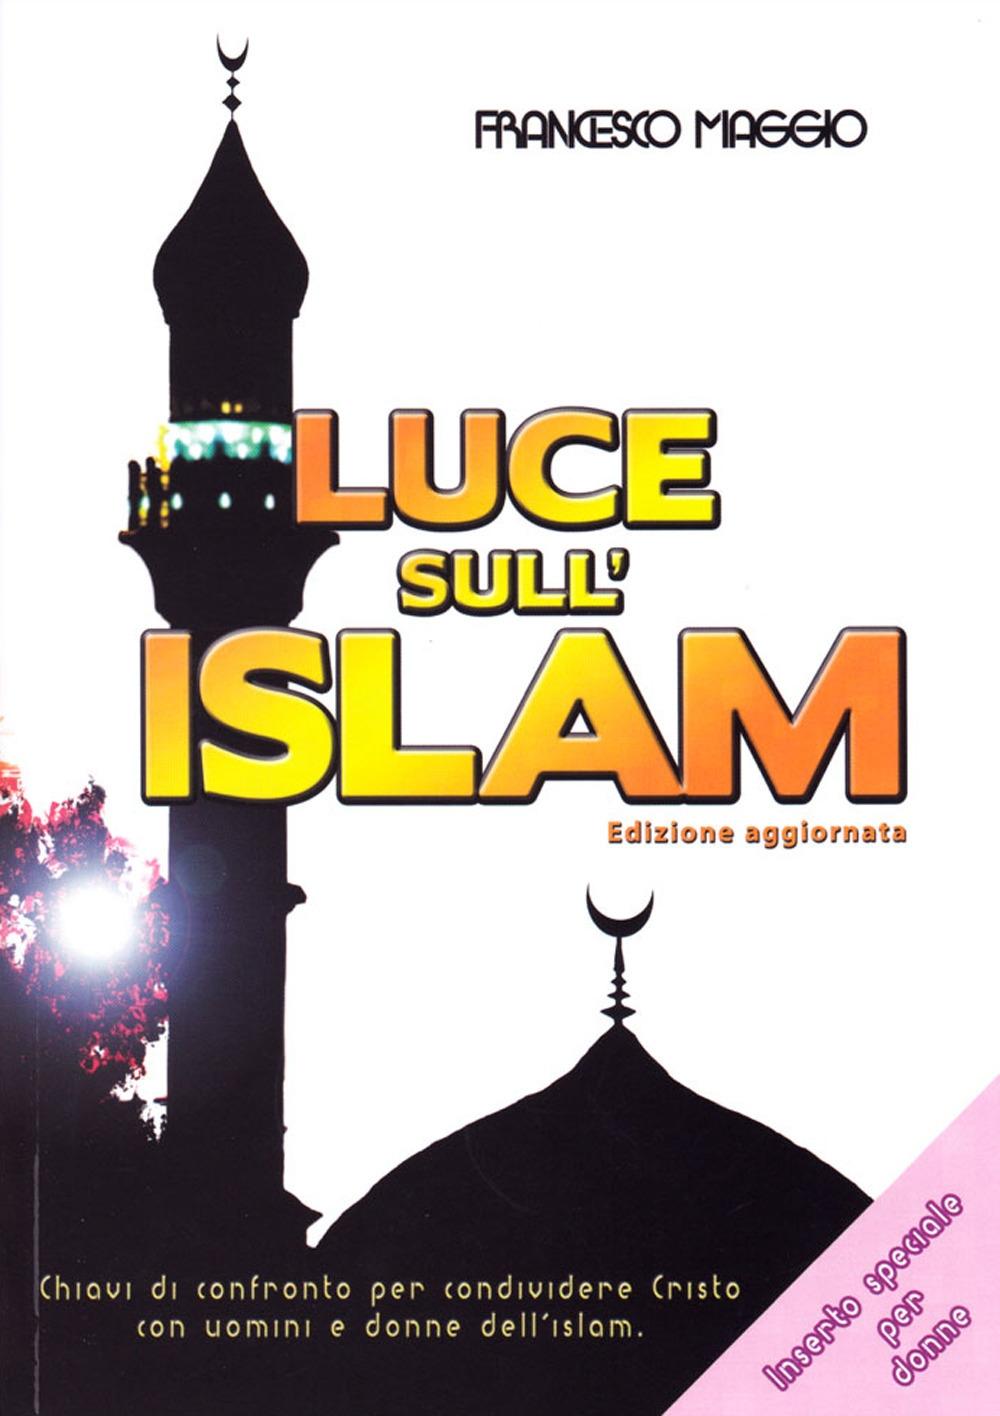 Luce sull'Islam. Chiavi di confronto per condividere Cristo con uomini e donne dell'Islam.